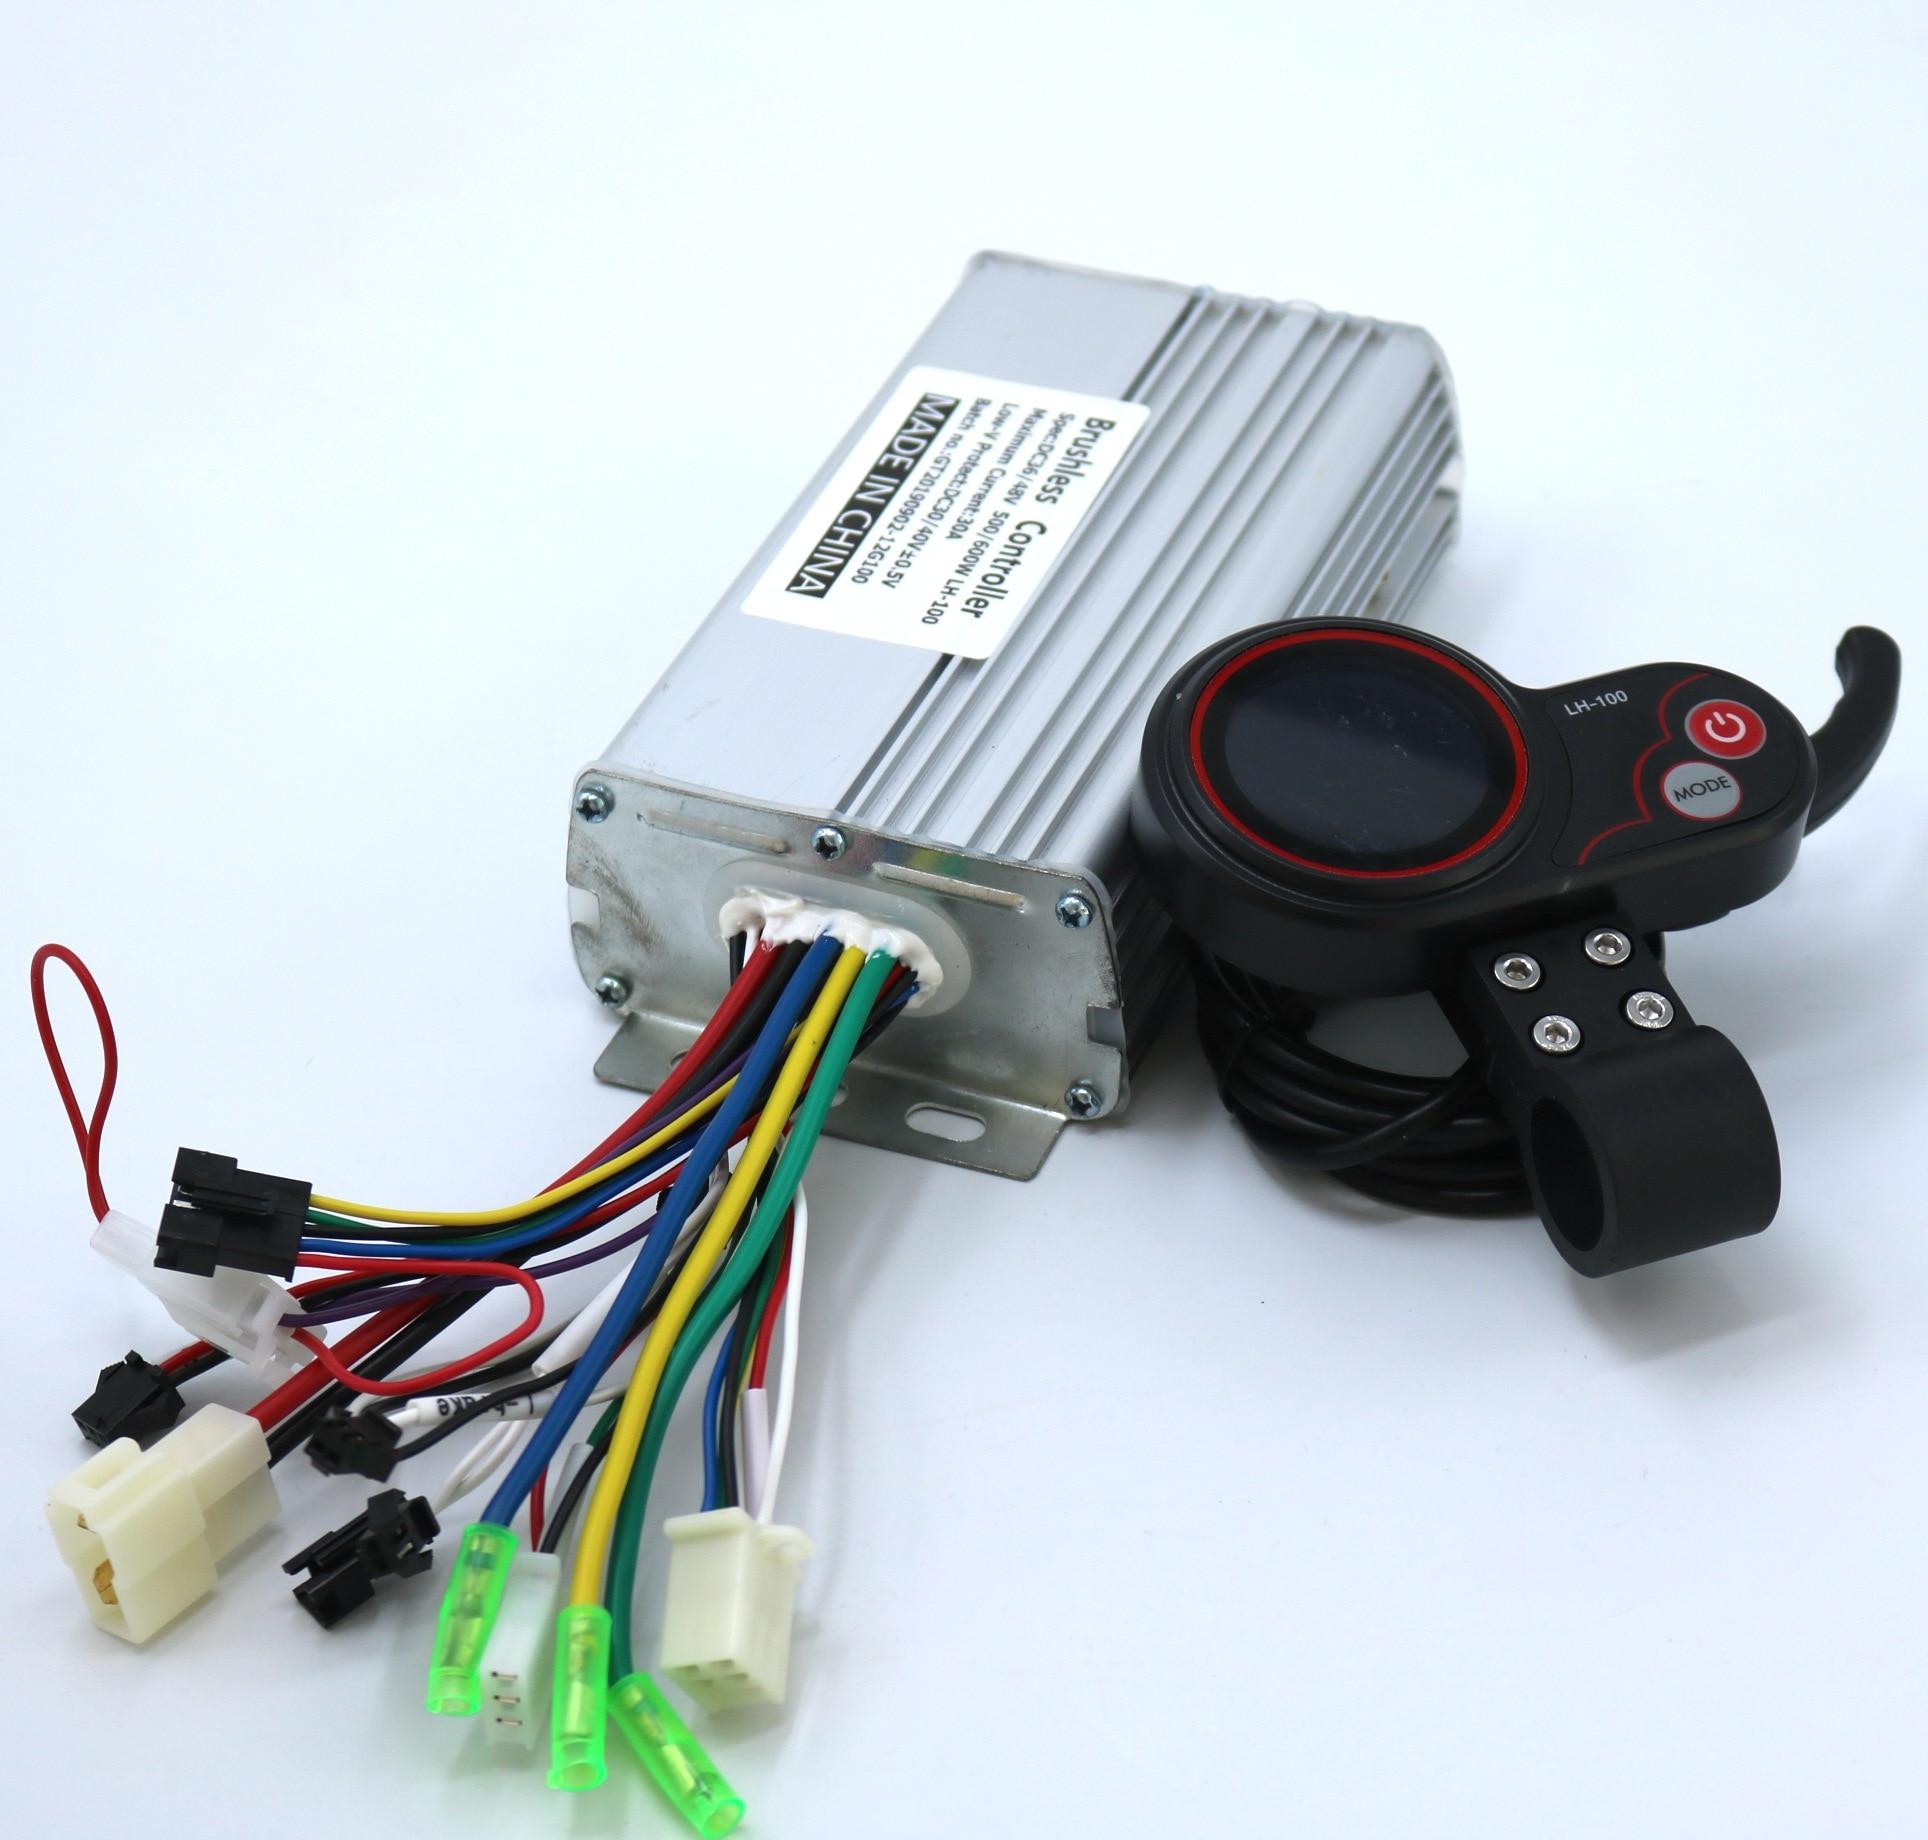 GREENTIME 24V/36V/48V/60V 500/600W BLDC Motor Controller E-bike Brushless Speed Driver And LH-100 LCD Display One Set